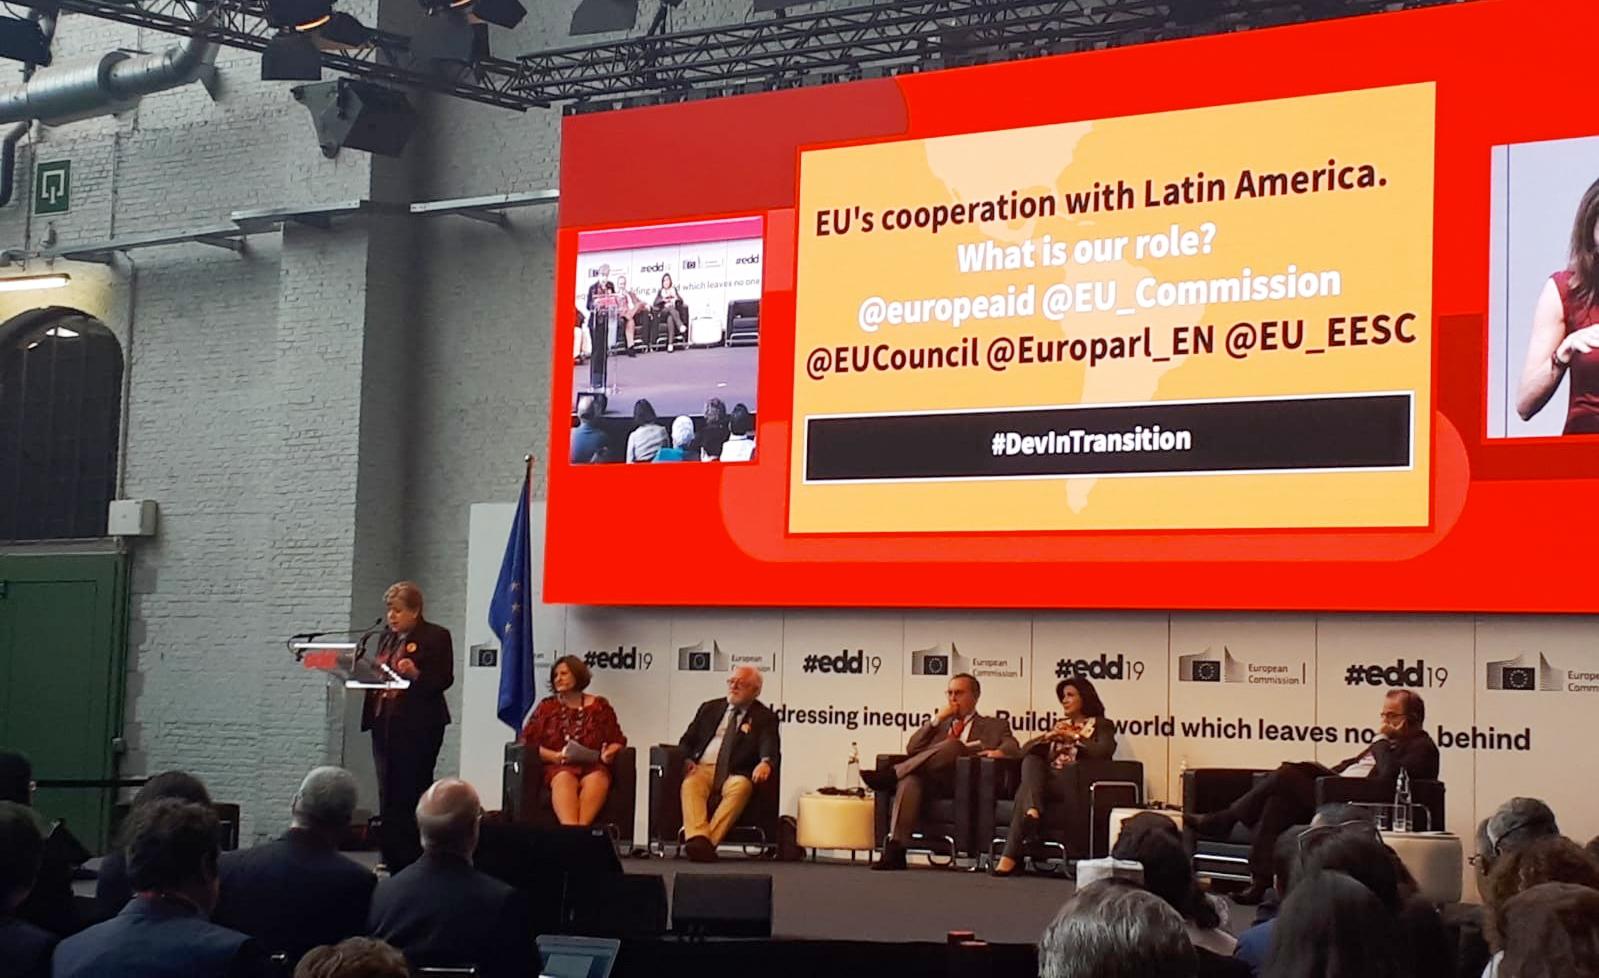 Durante el evento: El rol de la Cooperación Internacional para el Desarrollo: creando nuevas respuestas para el crecimiento inclusivo' en el que se presentó el documento 'Perspectivas económicas para América Latina 2019 – Desarrollo en transición / Latin America Outlook 2019